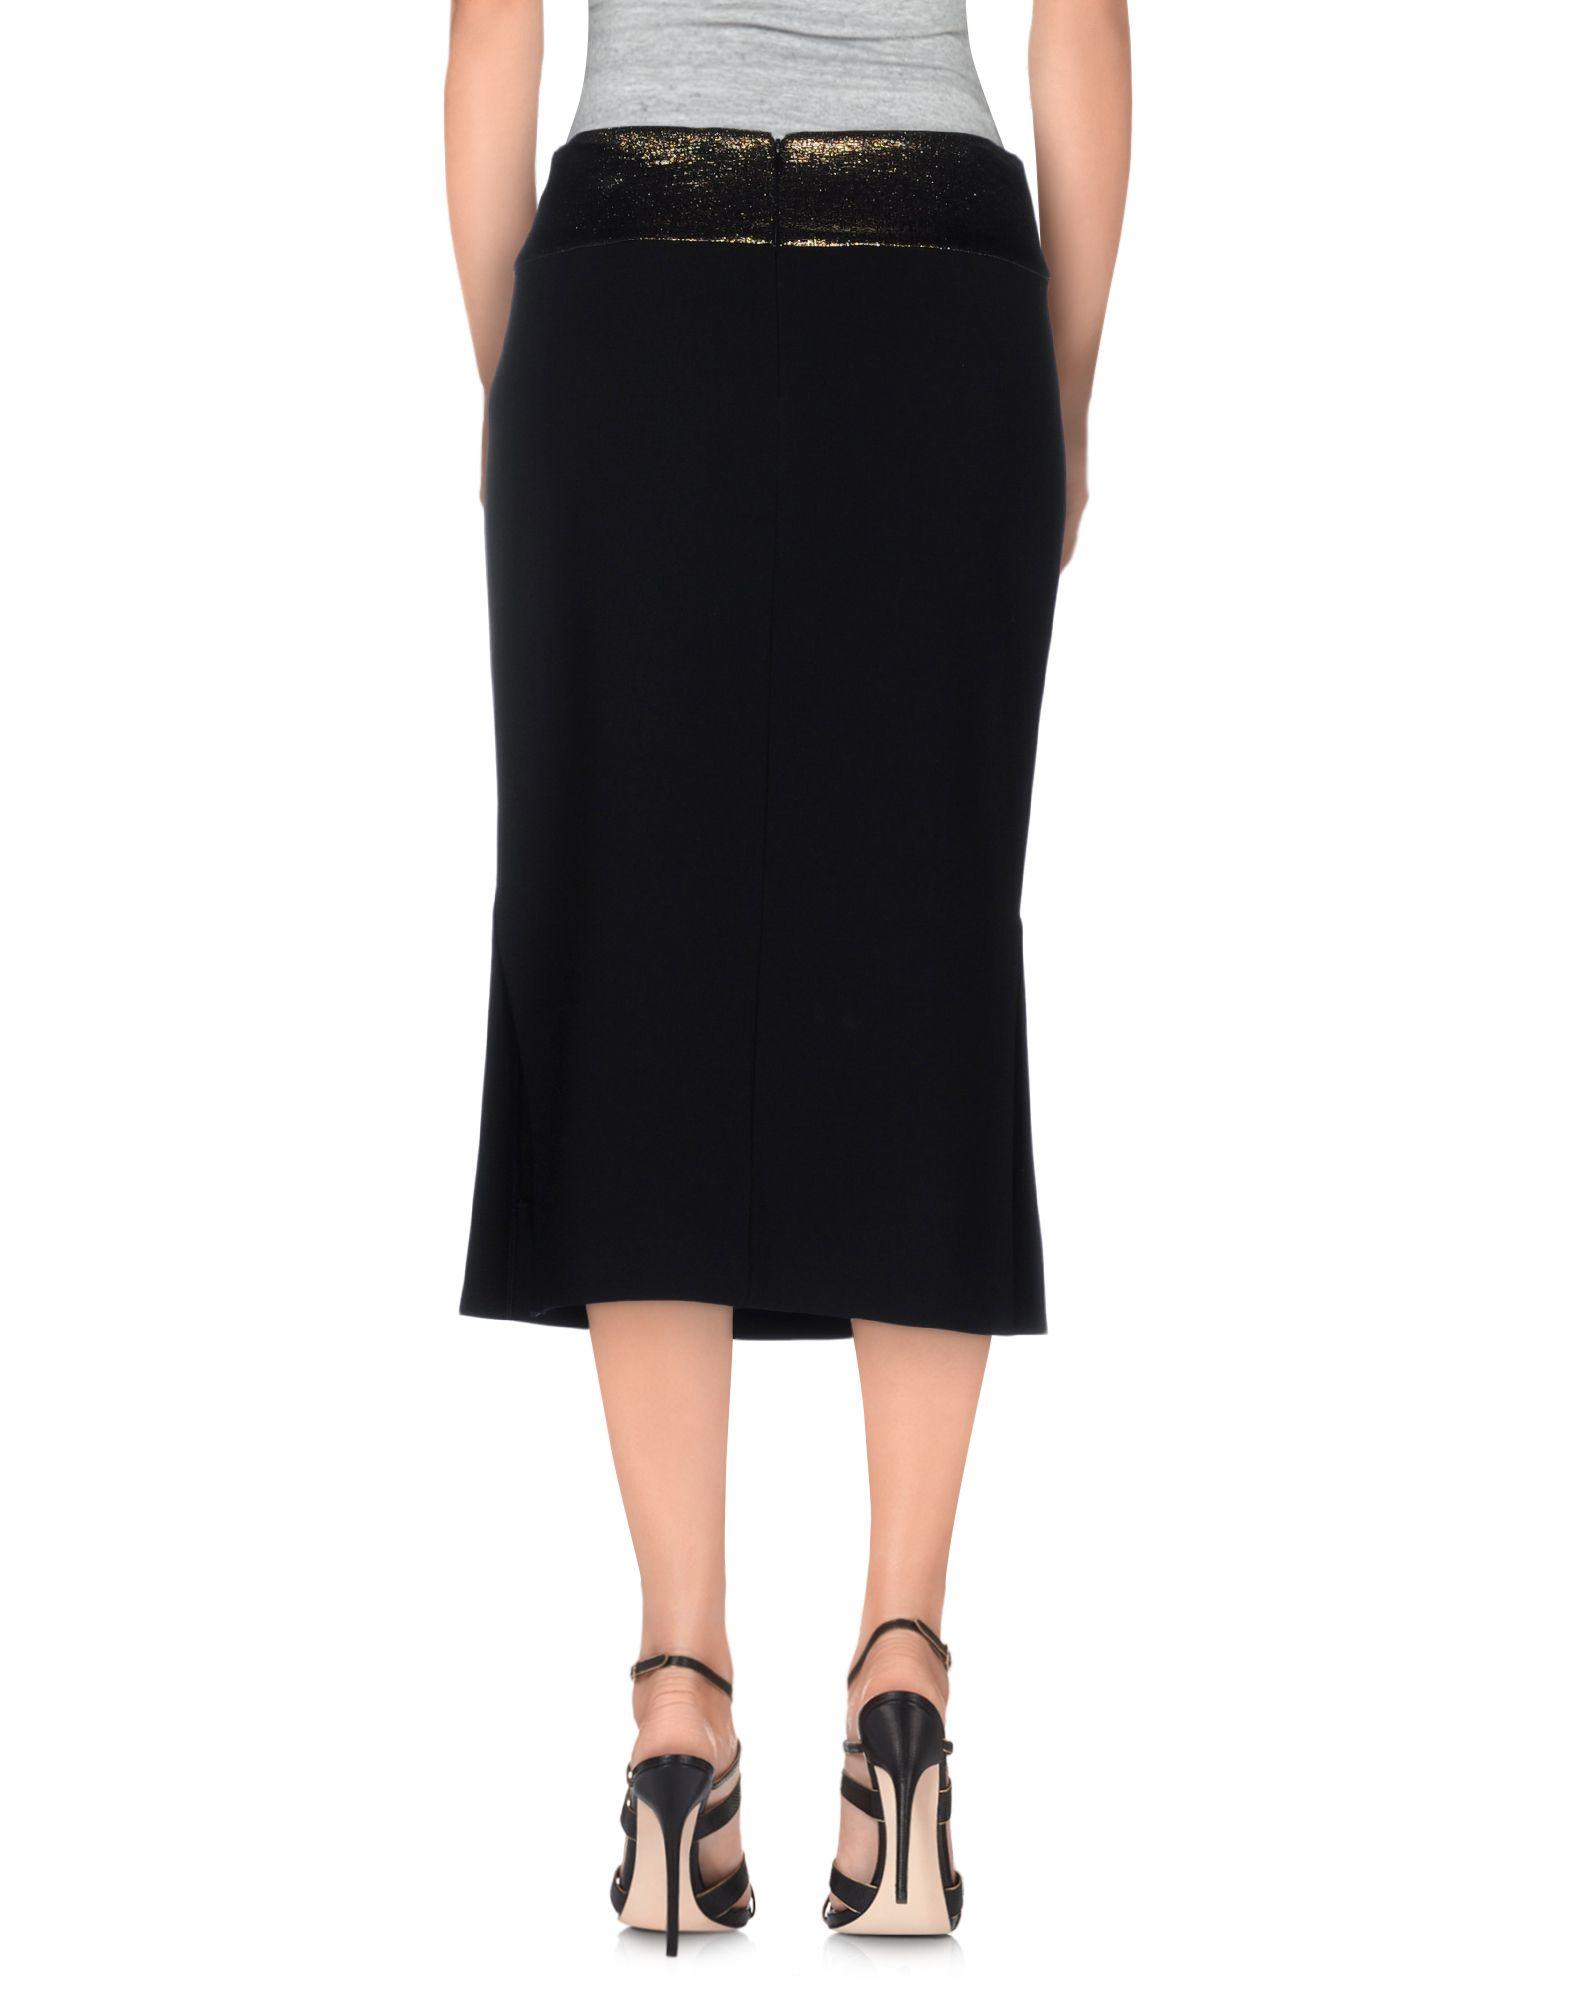 diane furstenberg knee length skirt in black lyst